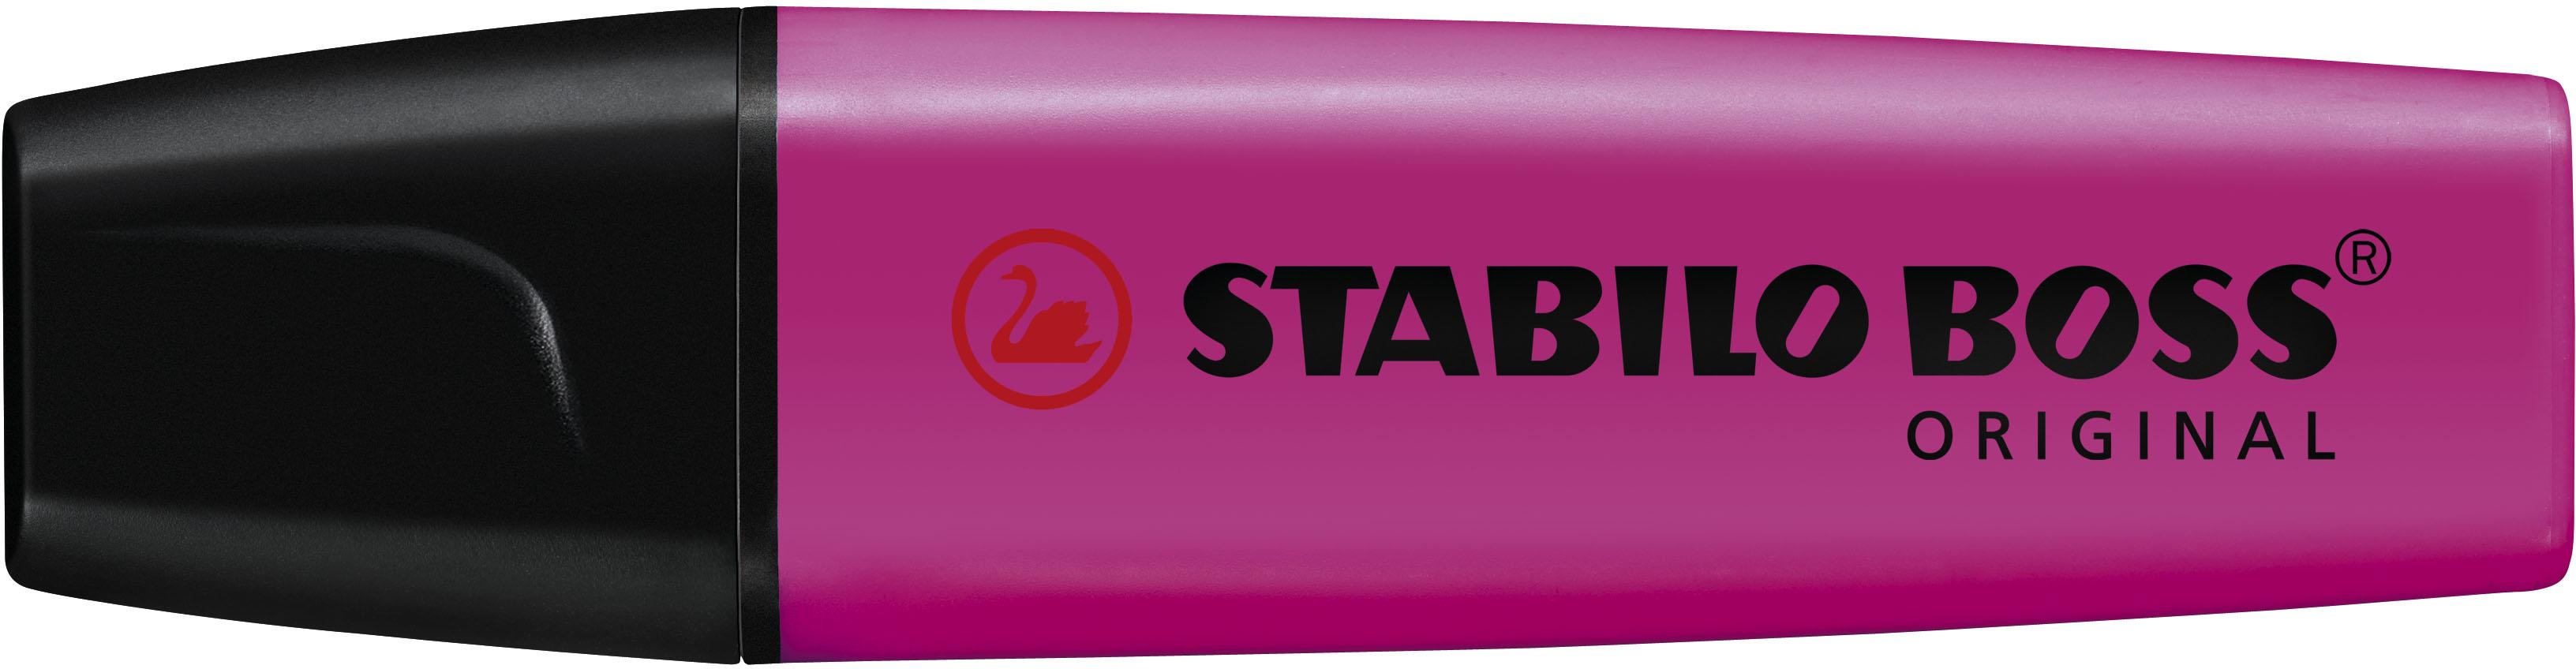 Stabilo Markeerstift Boss magenta